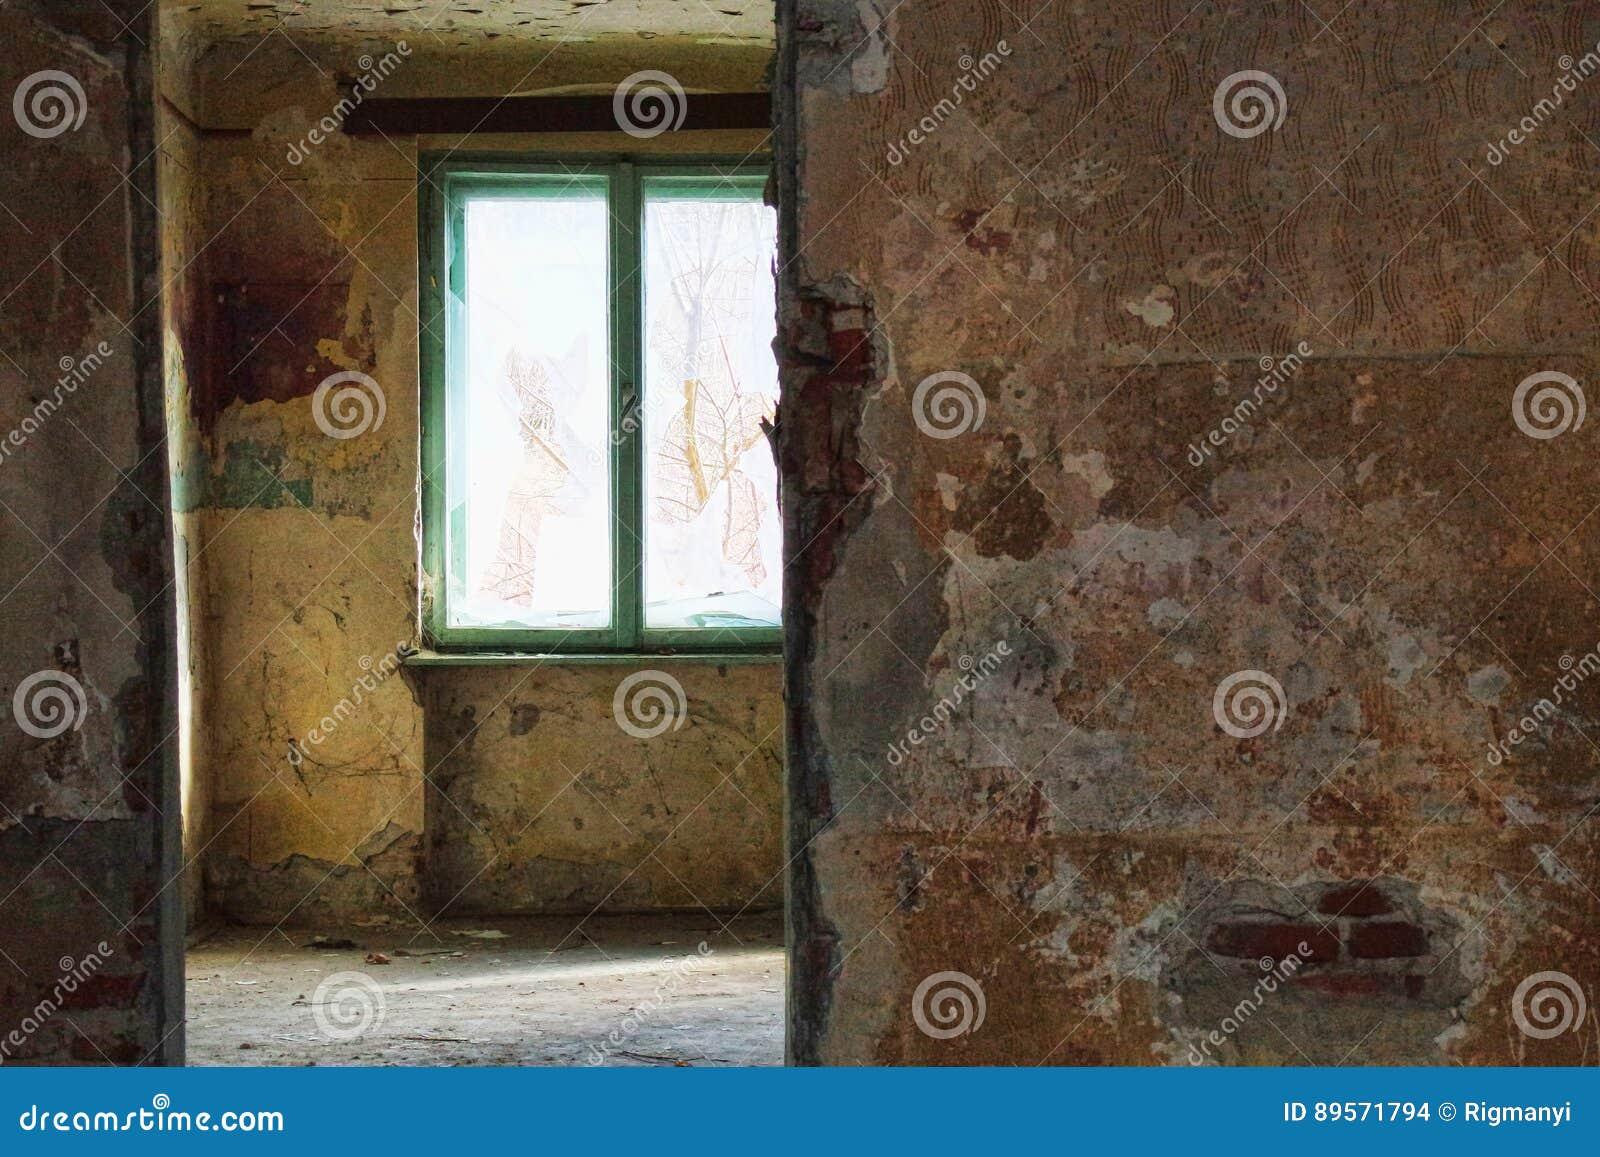 Salles abandonnées